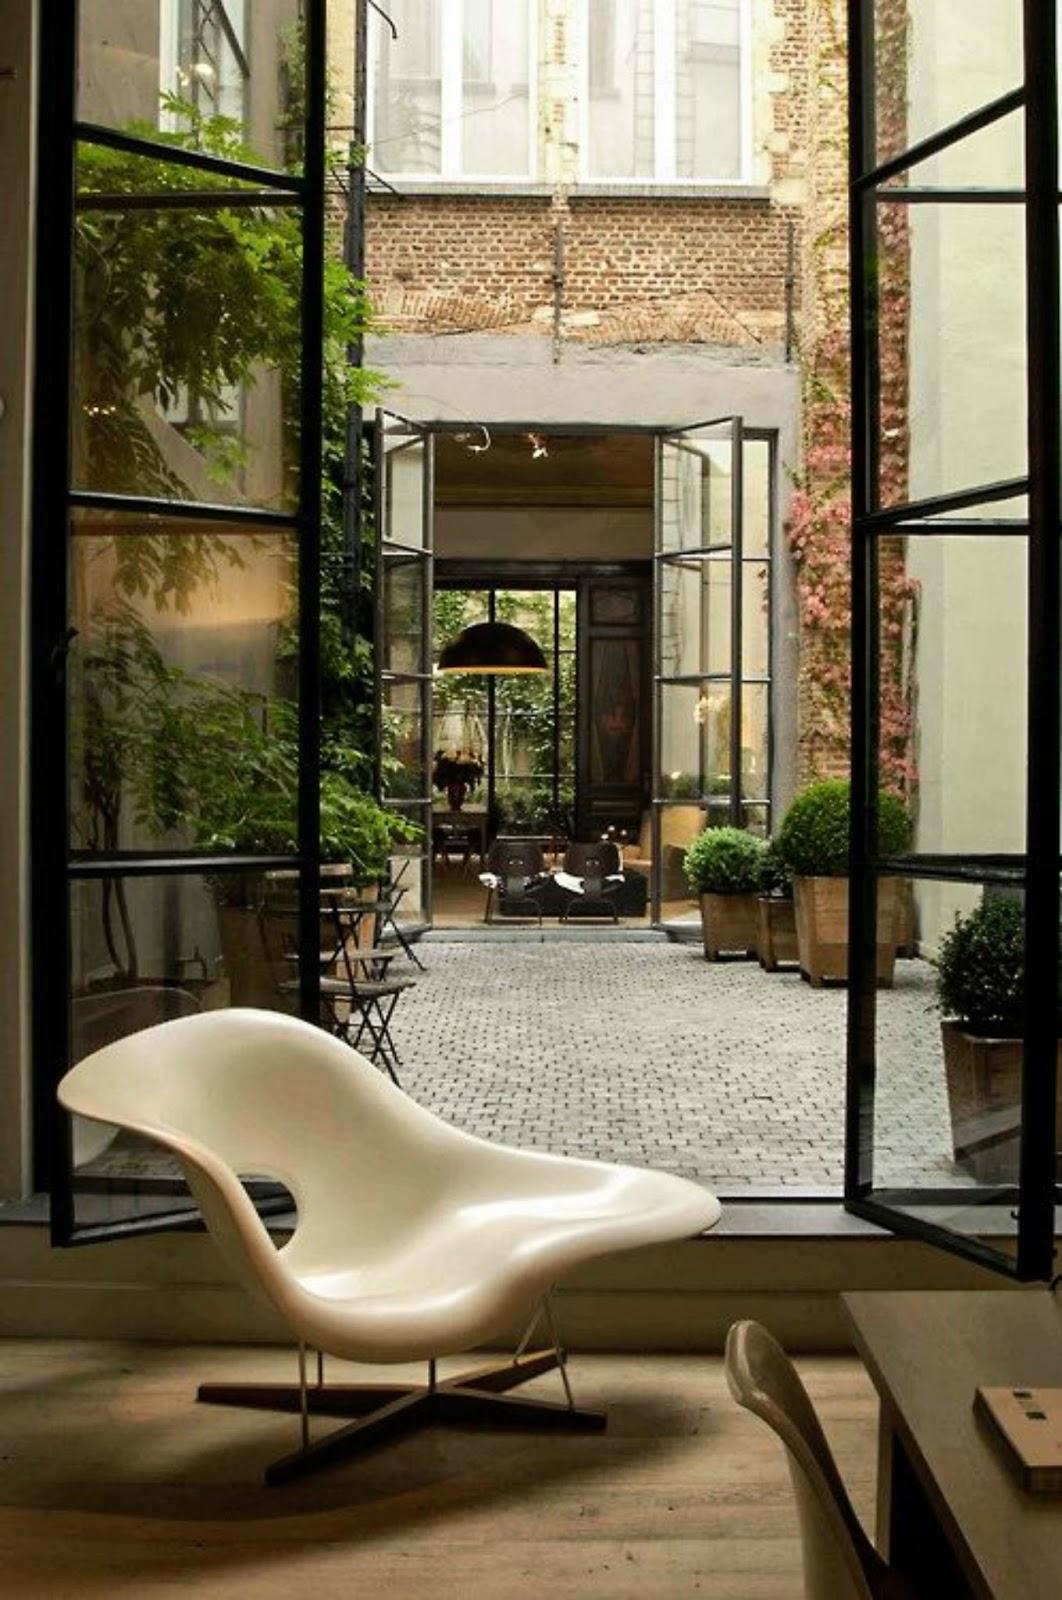 European modern mediterranean interior exterior design architecture